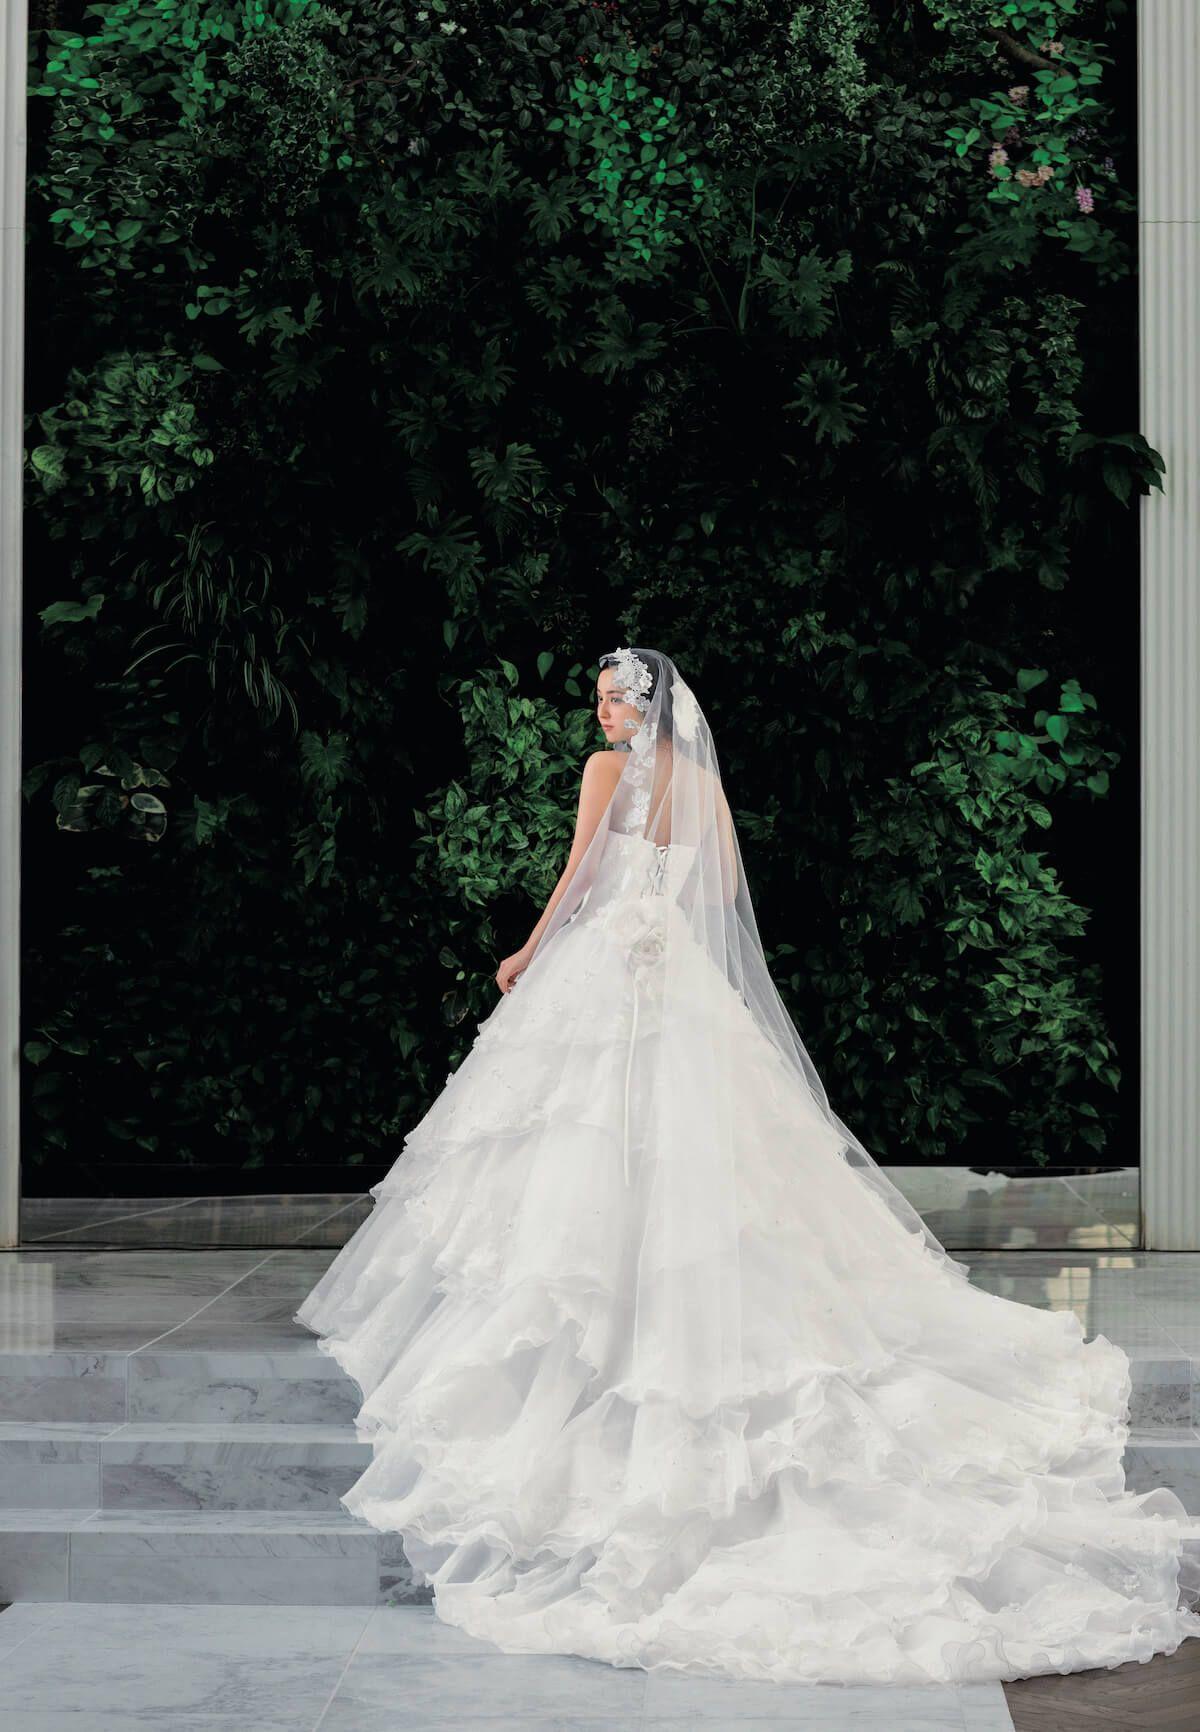 2bcb6943a33c0 「佐々木希コレクション」のウェディングドレス・カラードレスのカタログ。佐々木希さんの透明感と輝きを表現した、華やかで贅沢なコレクションです。